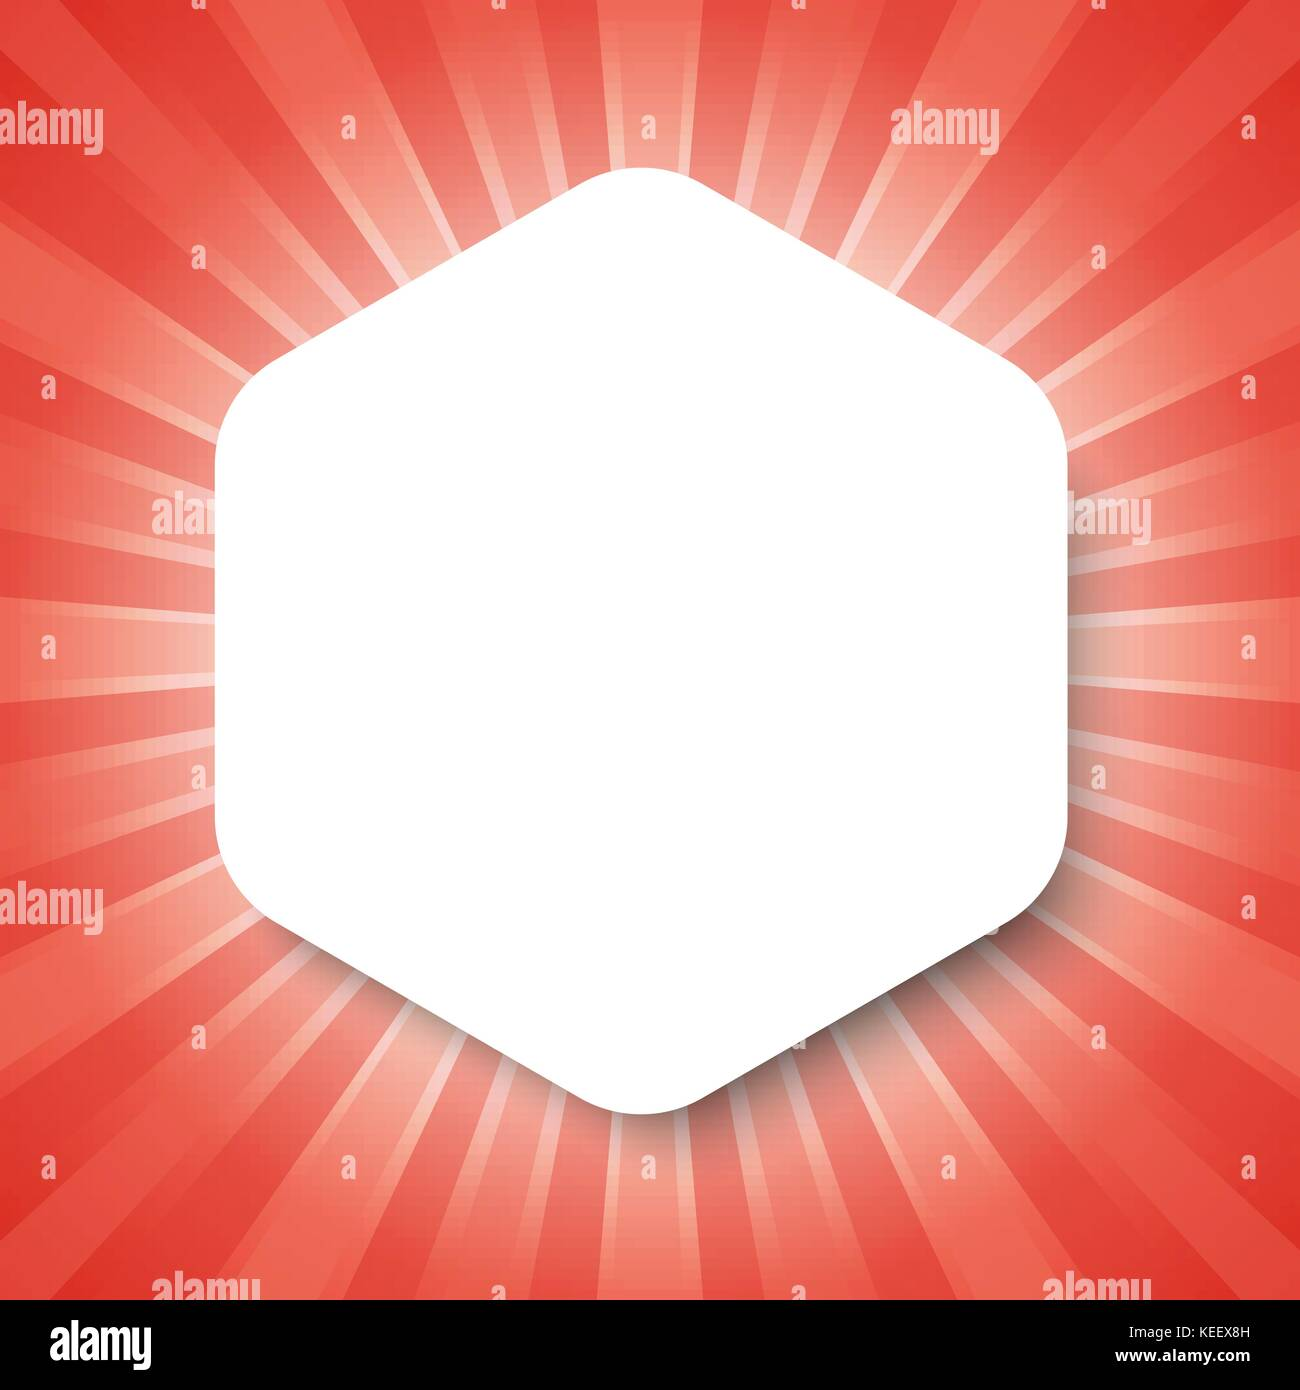 Fantastisch Weiß Hexagon Vorlage Auf Rot Abstrakt Hintergrund Mit Start Burst Konzept